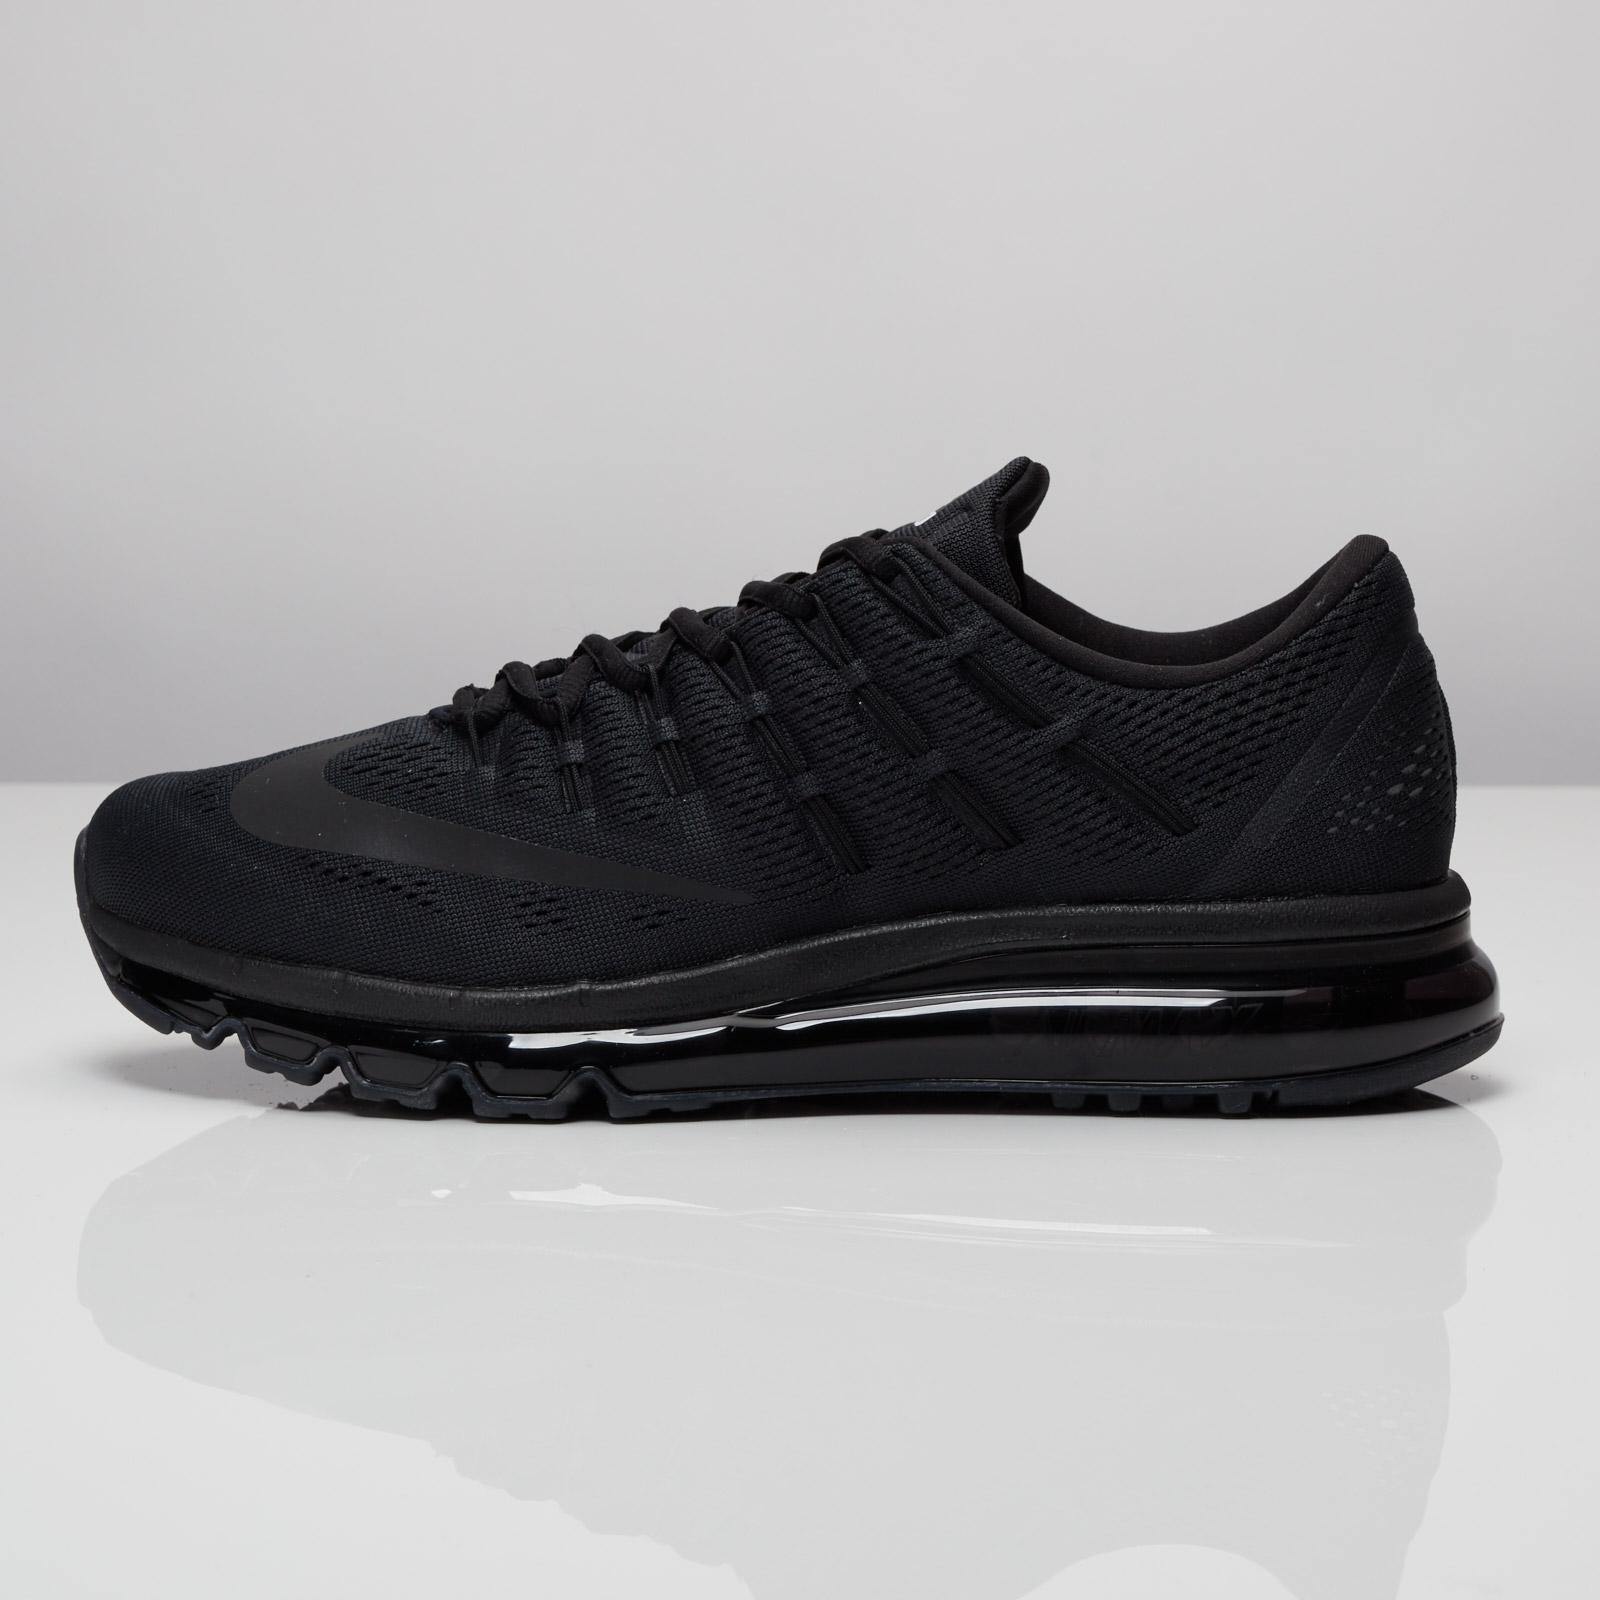 huge selection of 58b98 16cc3 Nike Air Max 2016 - 806771-009 - Sneakersnstuff   sneakers   streetwear  online since 1999